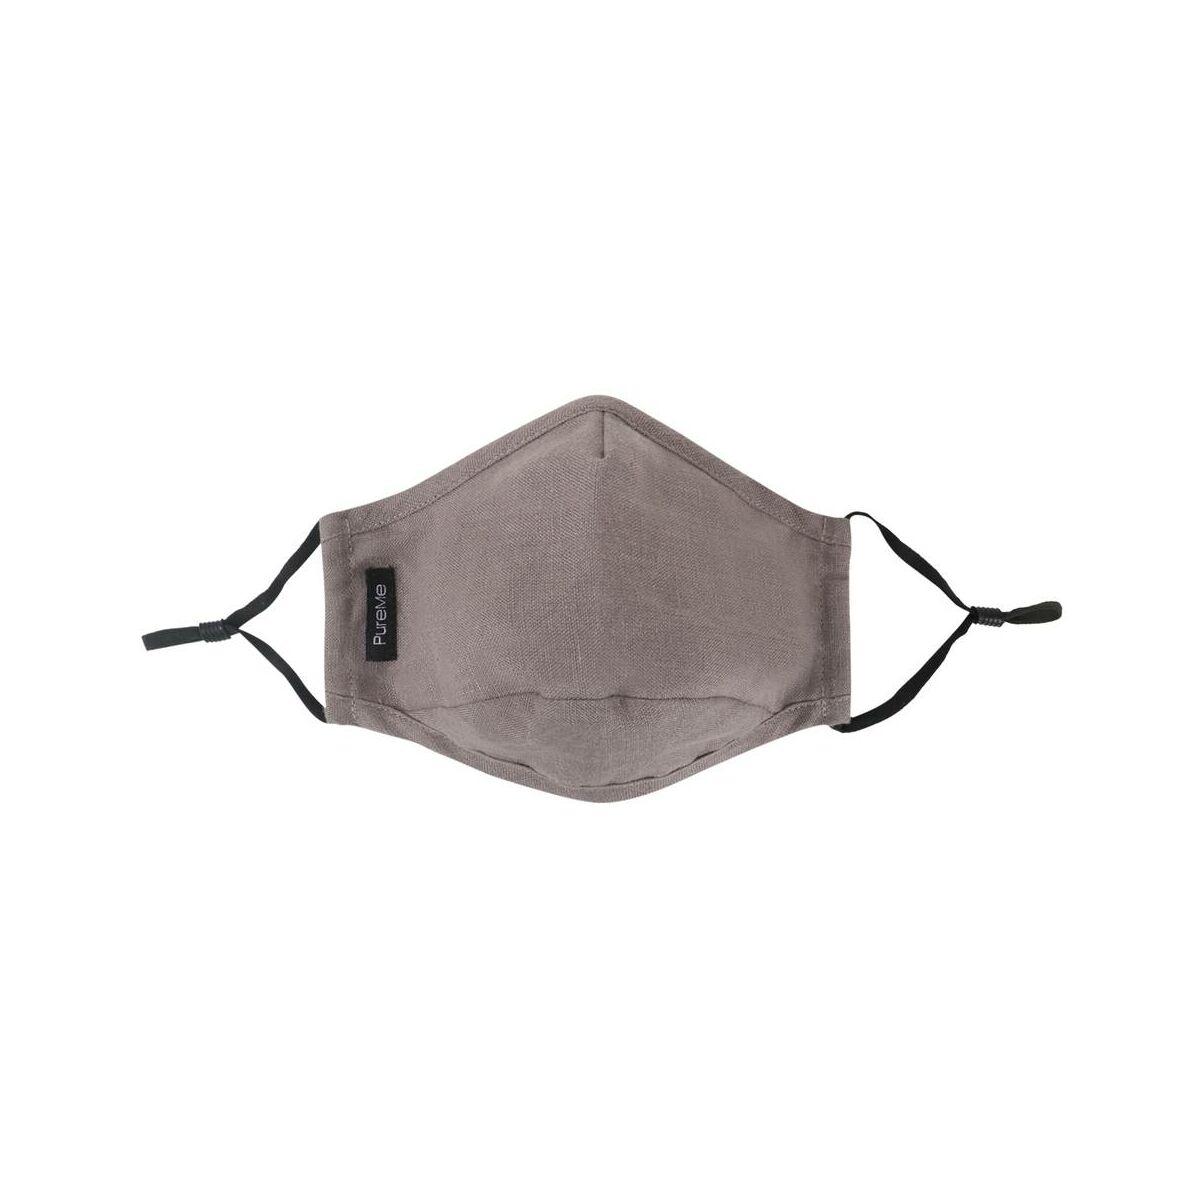 PureMe Maszk, Újrafelhasználható, Állítható füllel, Vászon, 2db N95 szűrővel a csomagban, szürke